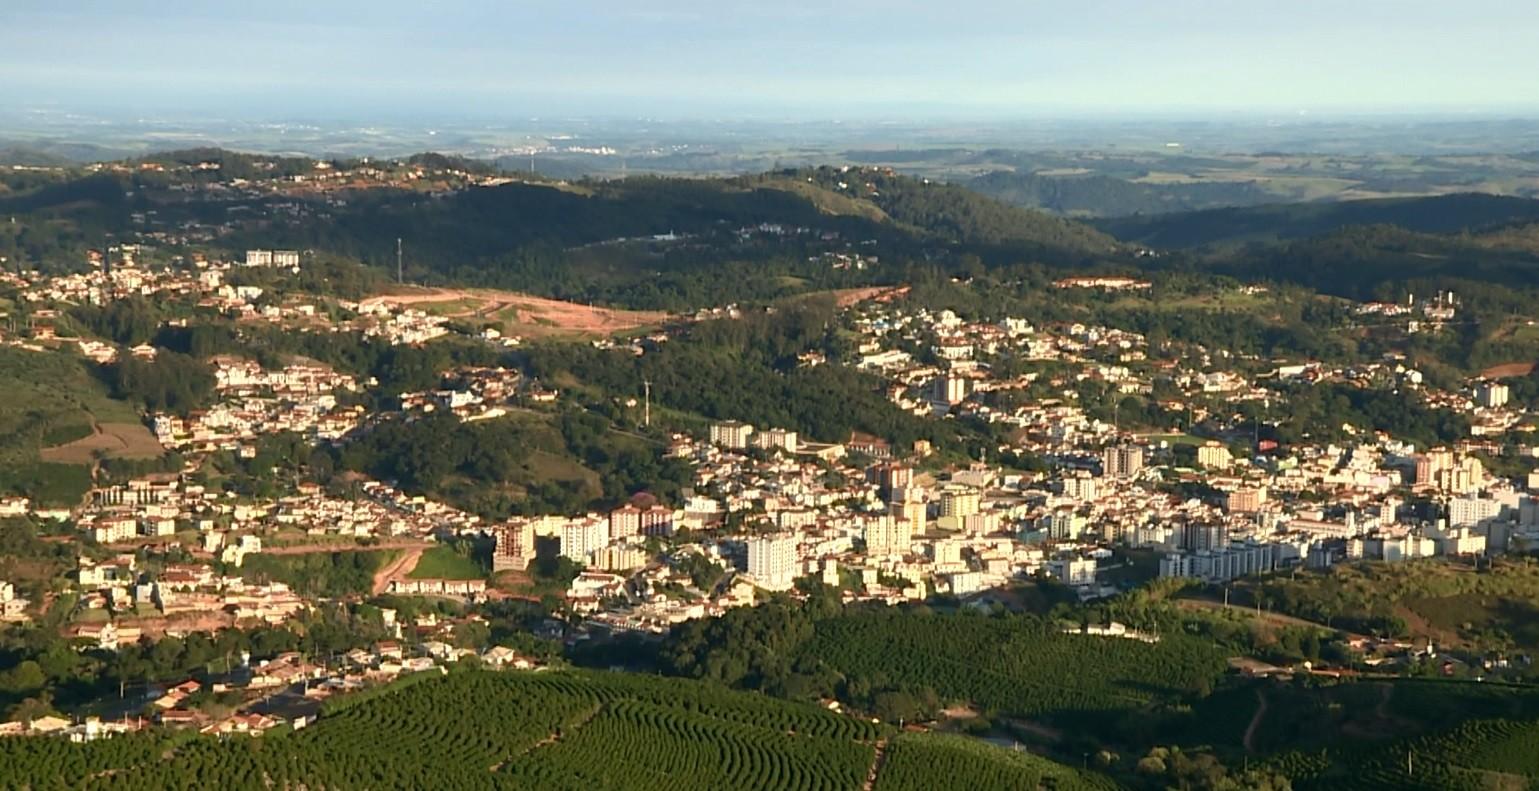 Relatório aponta evolução na educação em 17 cidades da região de Campinas; Serra Negra é a 18ª do Brasil